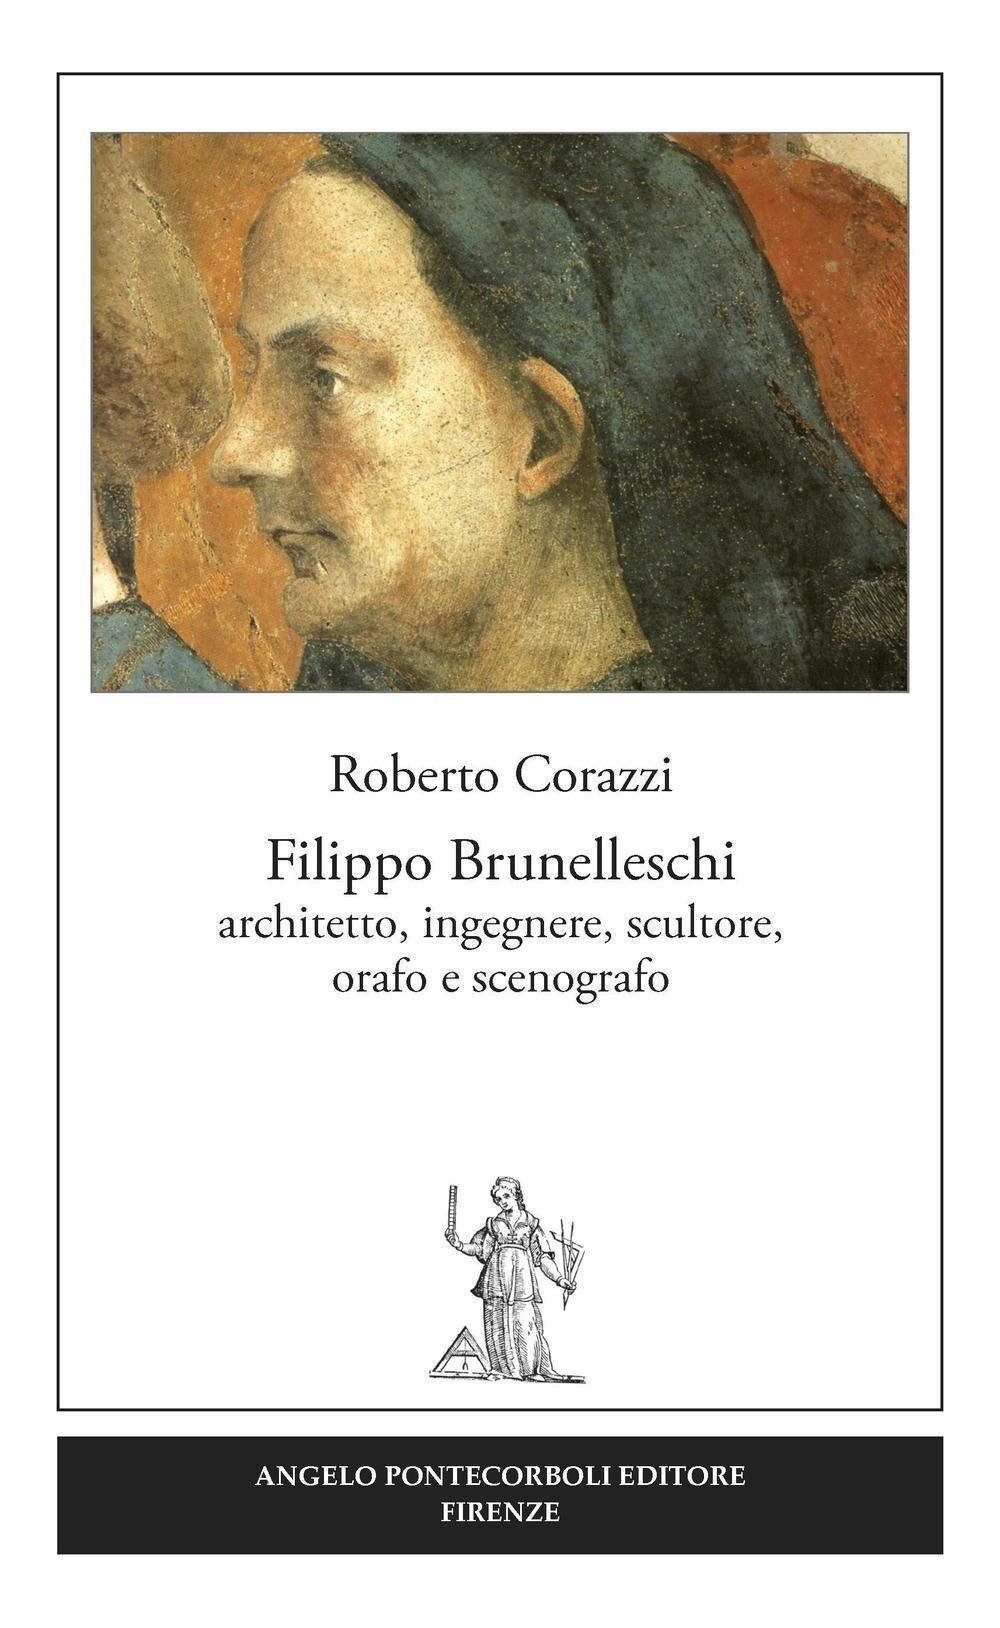 Filippo Brunelleschi. Architetto, ingegnere, scultore, orafo e scenografo